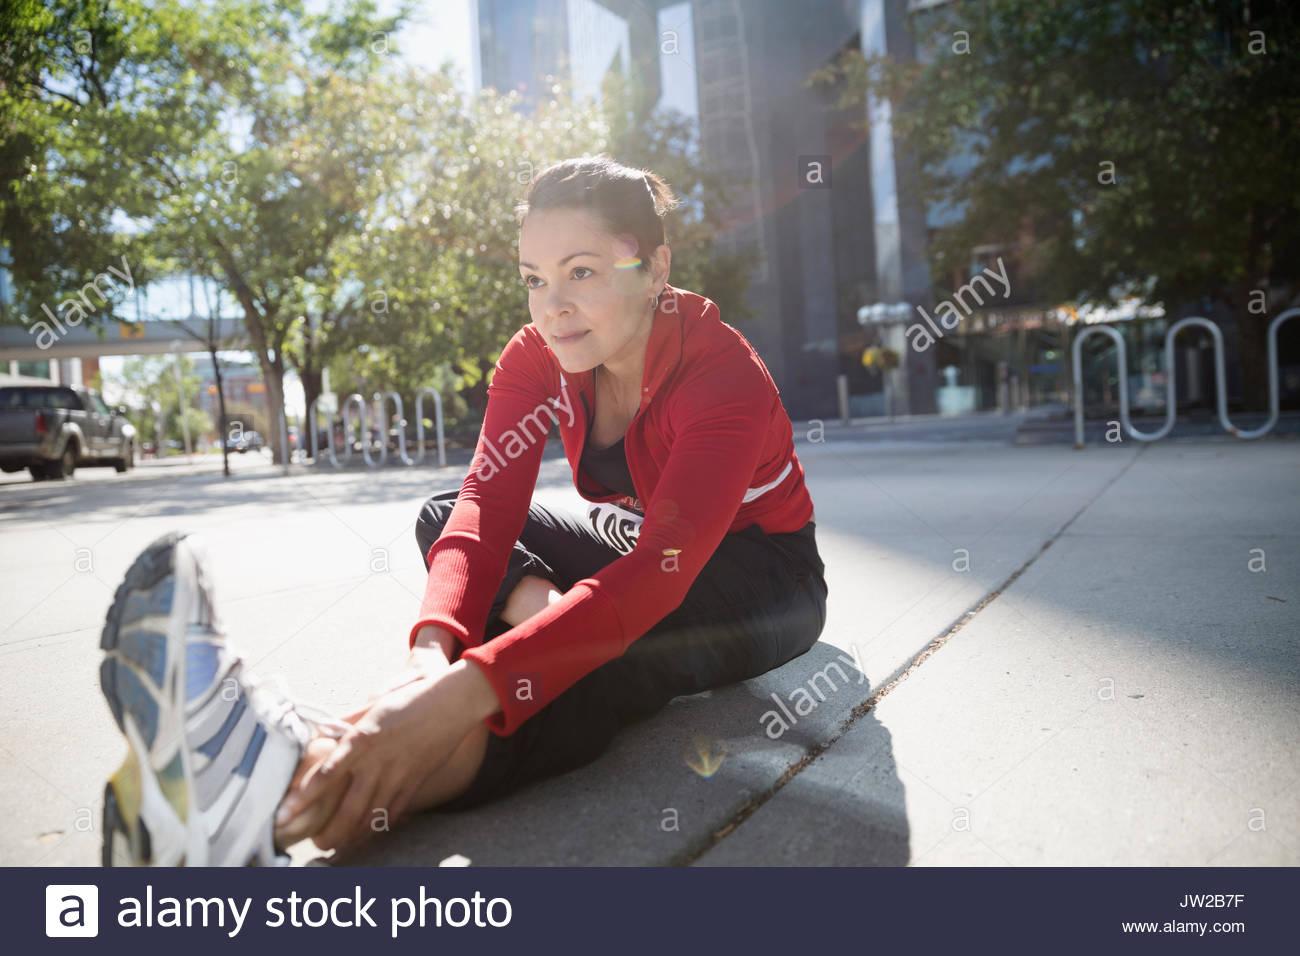 Portrait de la jambe sur trottoir urbain ensoleillé Photo Stock